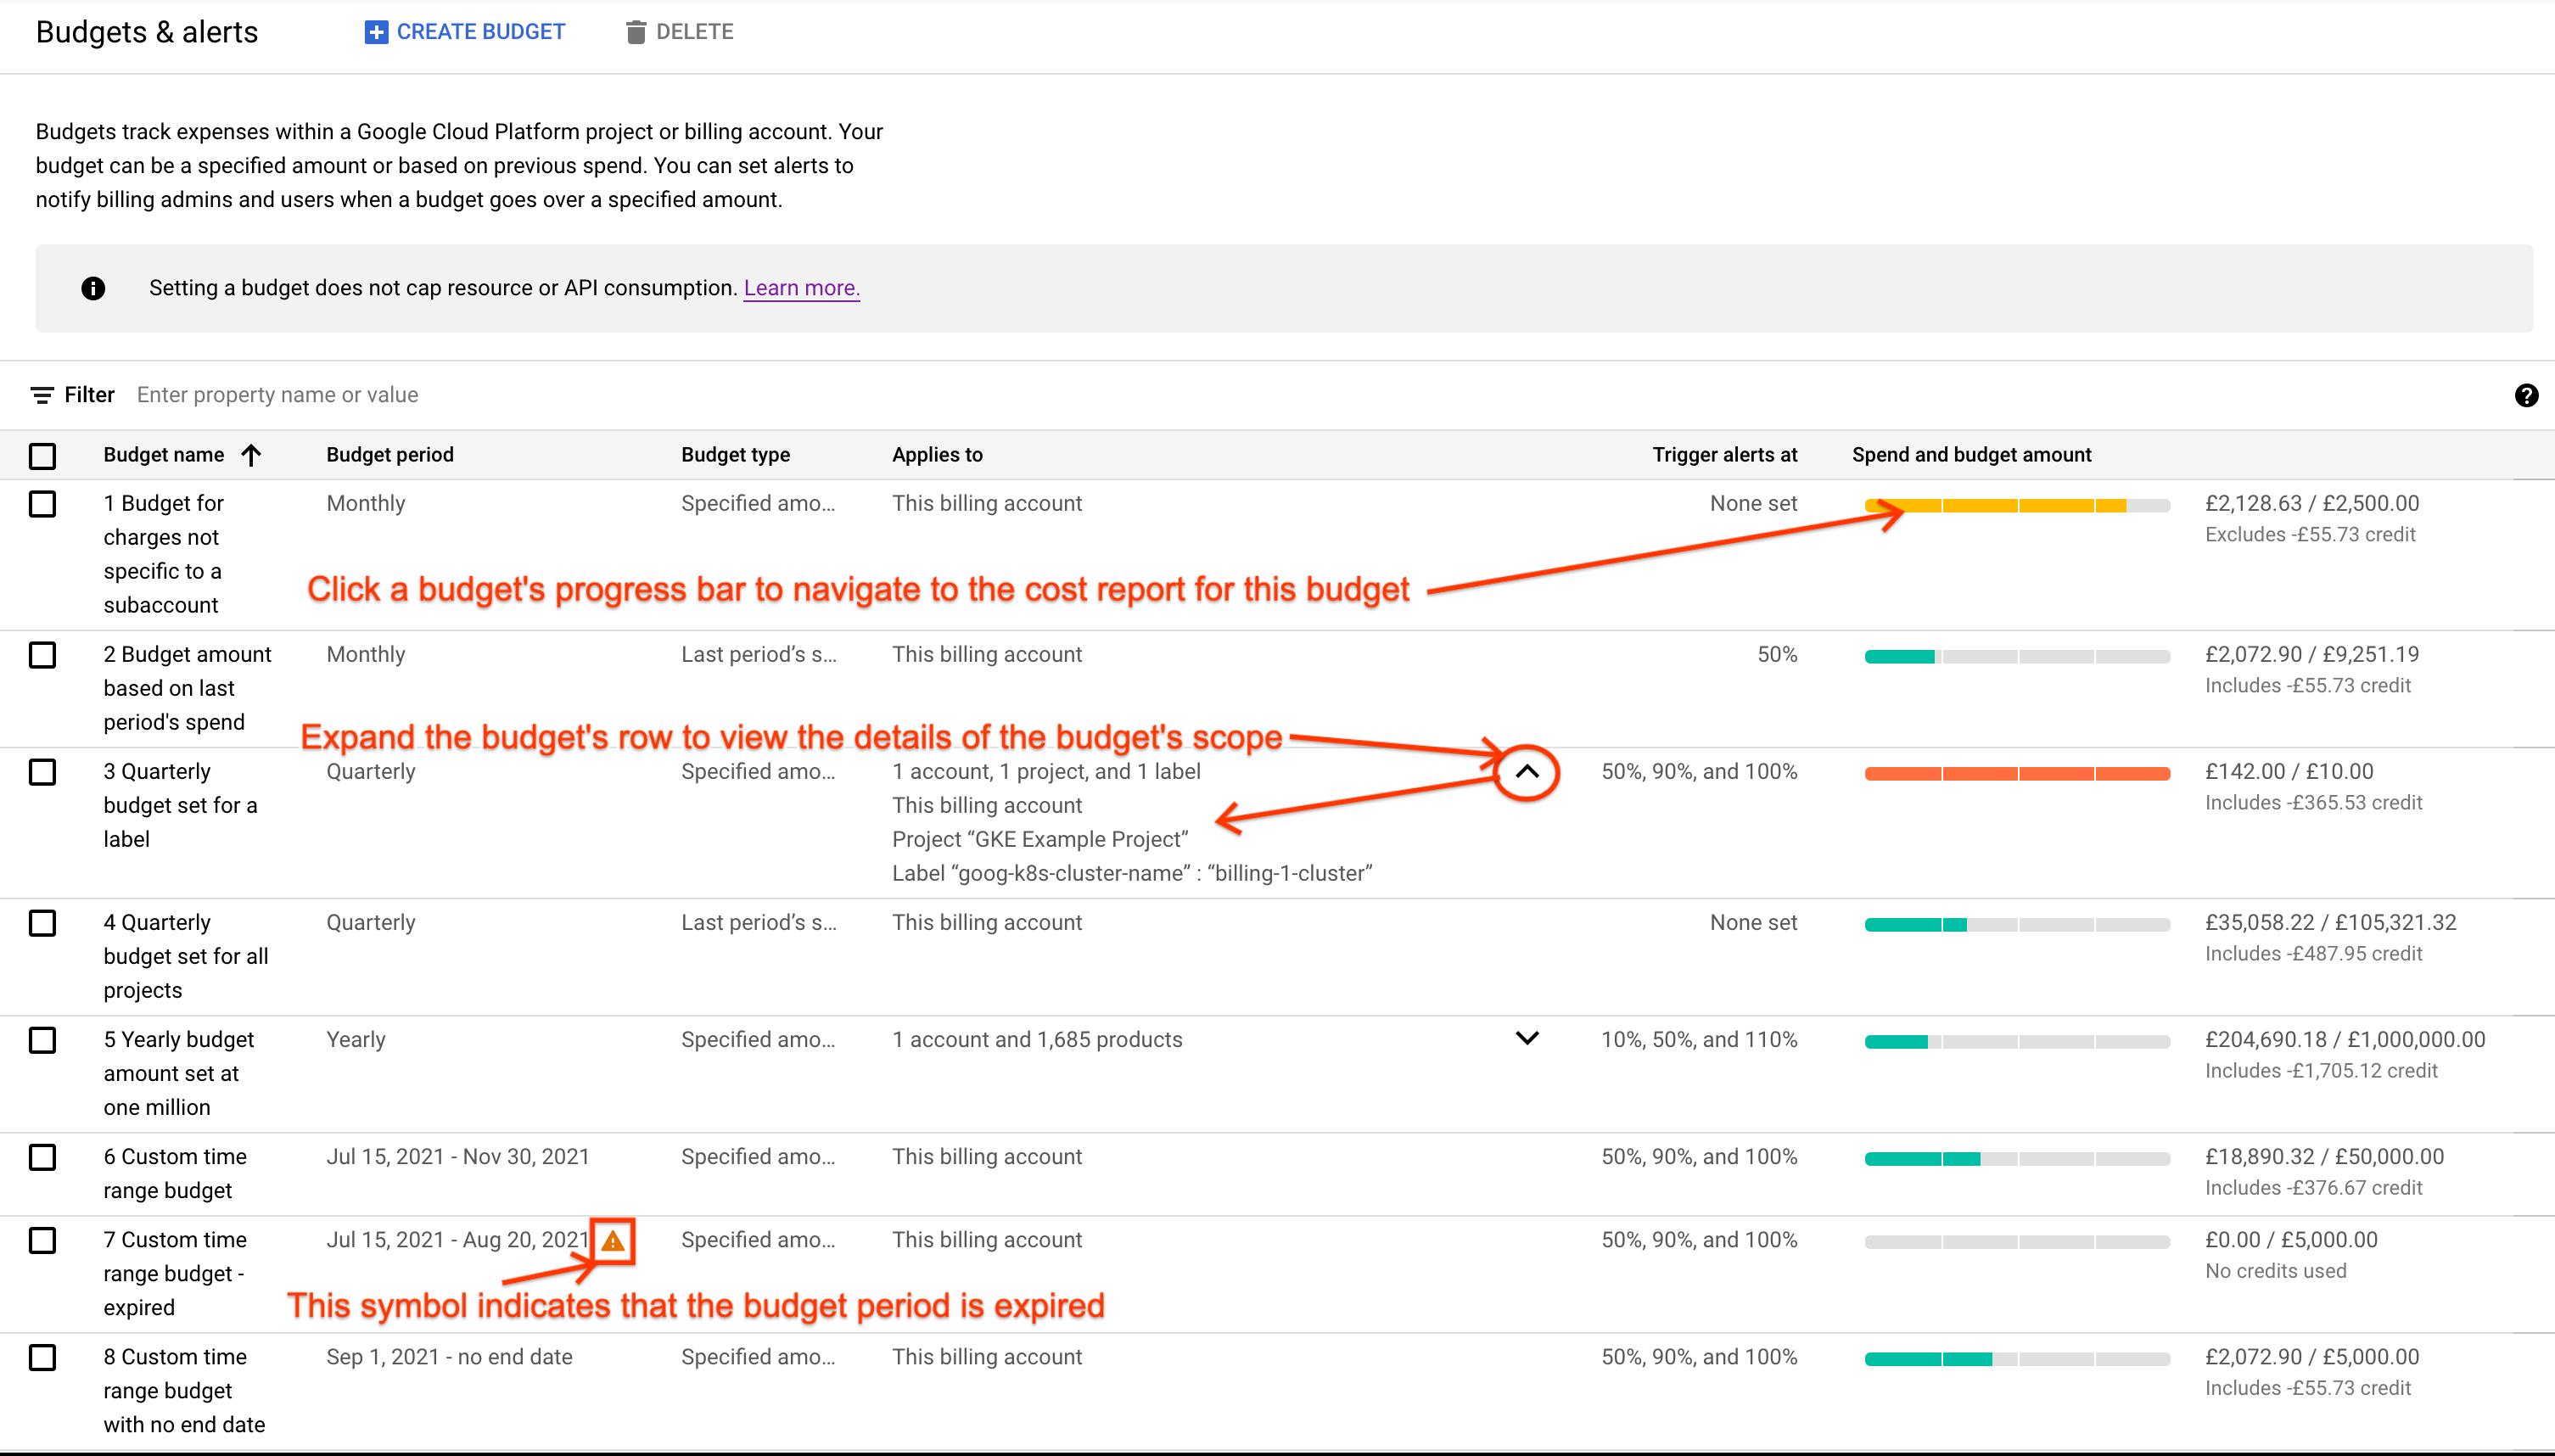 Ejemplo de la página Presupuestos y alertas a la que se puede acceder en GoogleCloudConsole. La página muestra una lista de presupuestos en formato tabular.